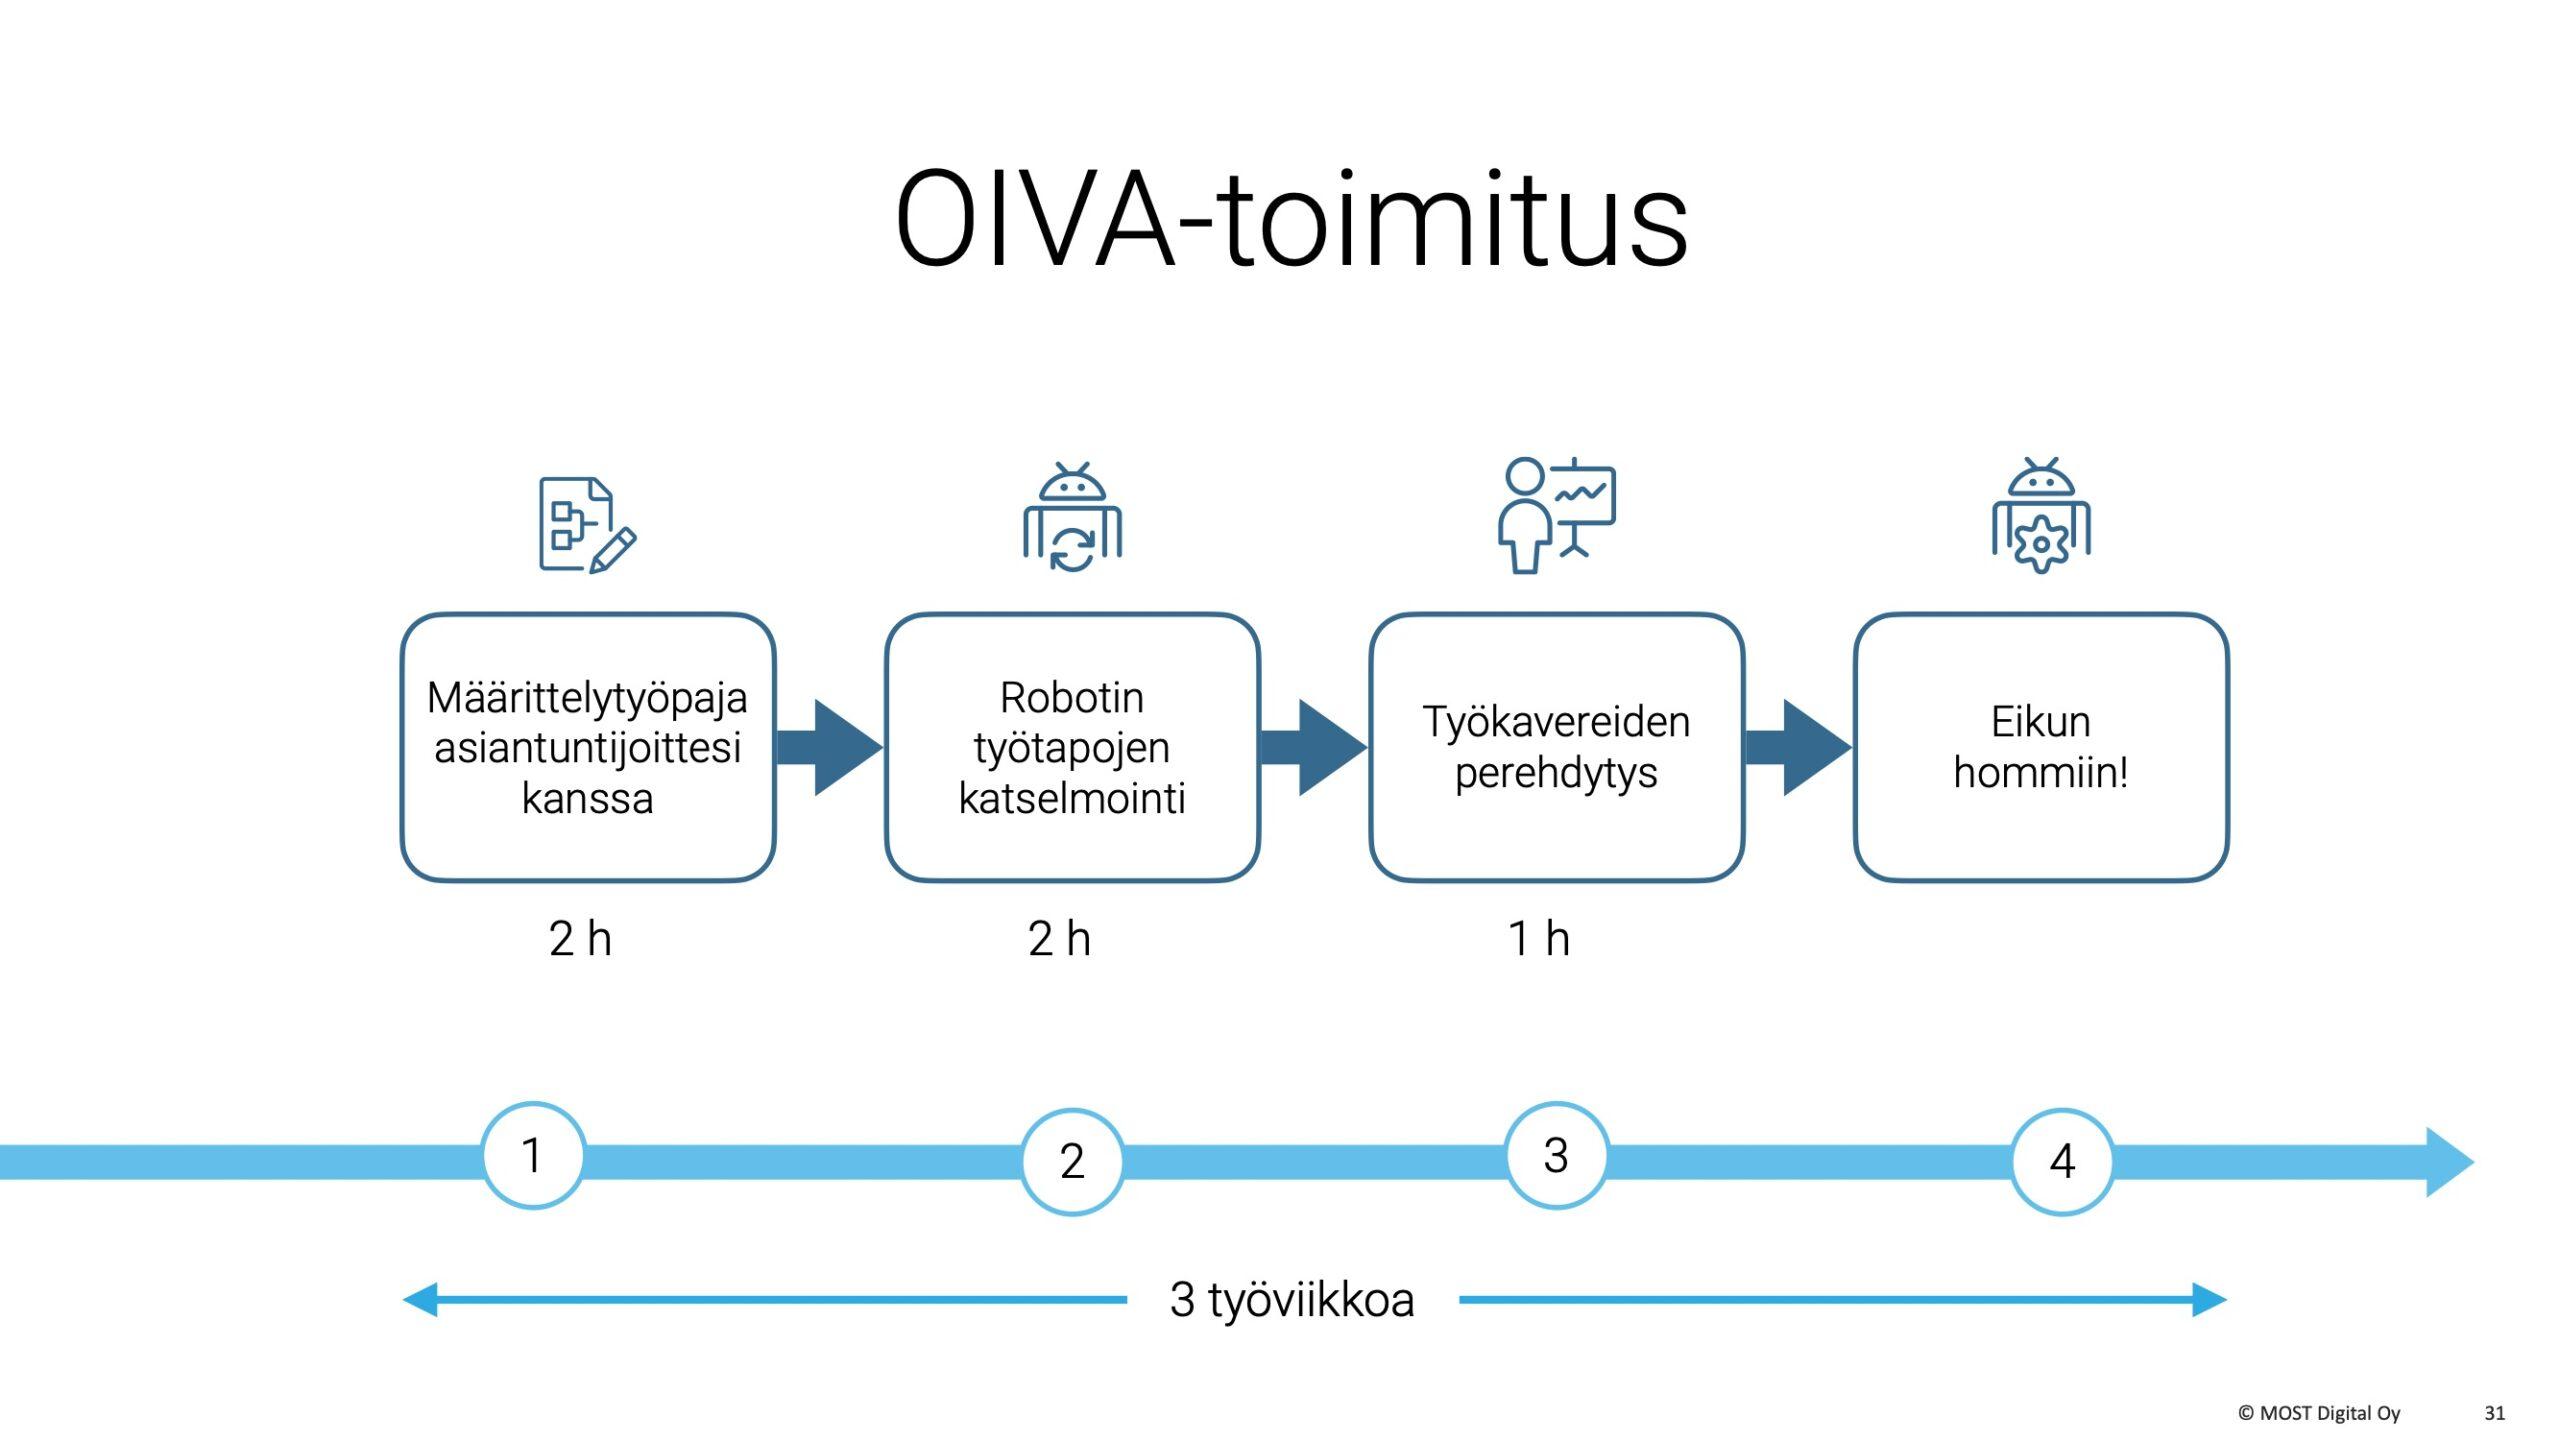 OIVA-ohjelmistorobotti, MYYNTIESITYS, osa 2, sivu 14 :OIVA-toimitus etenee neljässä vaiheessa hyvin ripeästi. Asiakkaan omaa aikaa kuluu koko prosessisa vain 5 tuntia. Perinteisessä ohjelmistoprojektissa ei saada edes projektiryhmän ensimmäistä kokousta sovituksi niin nopeasti.